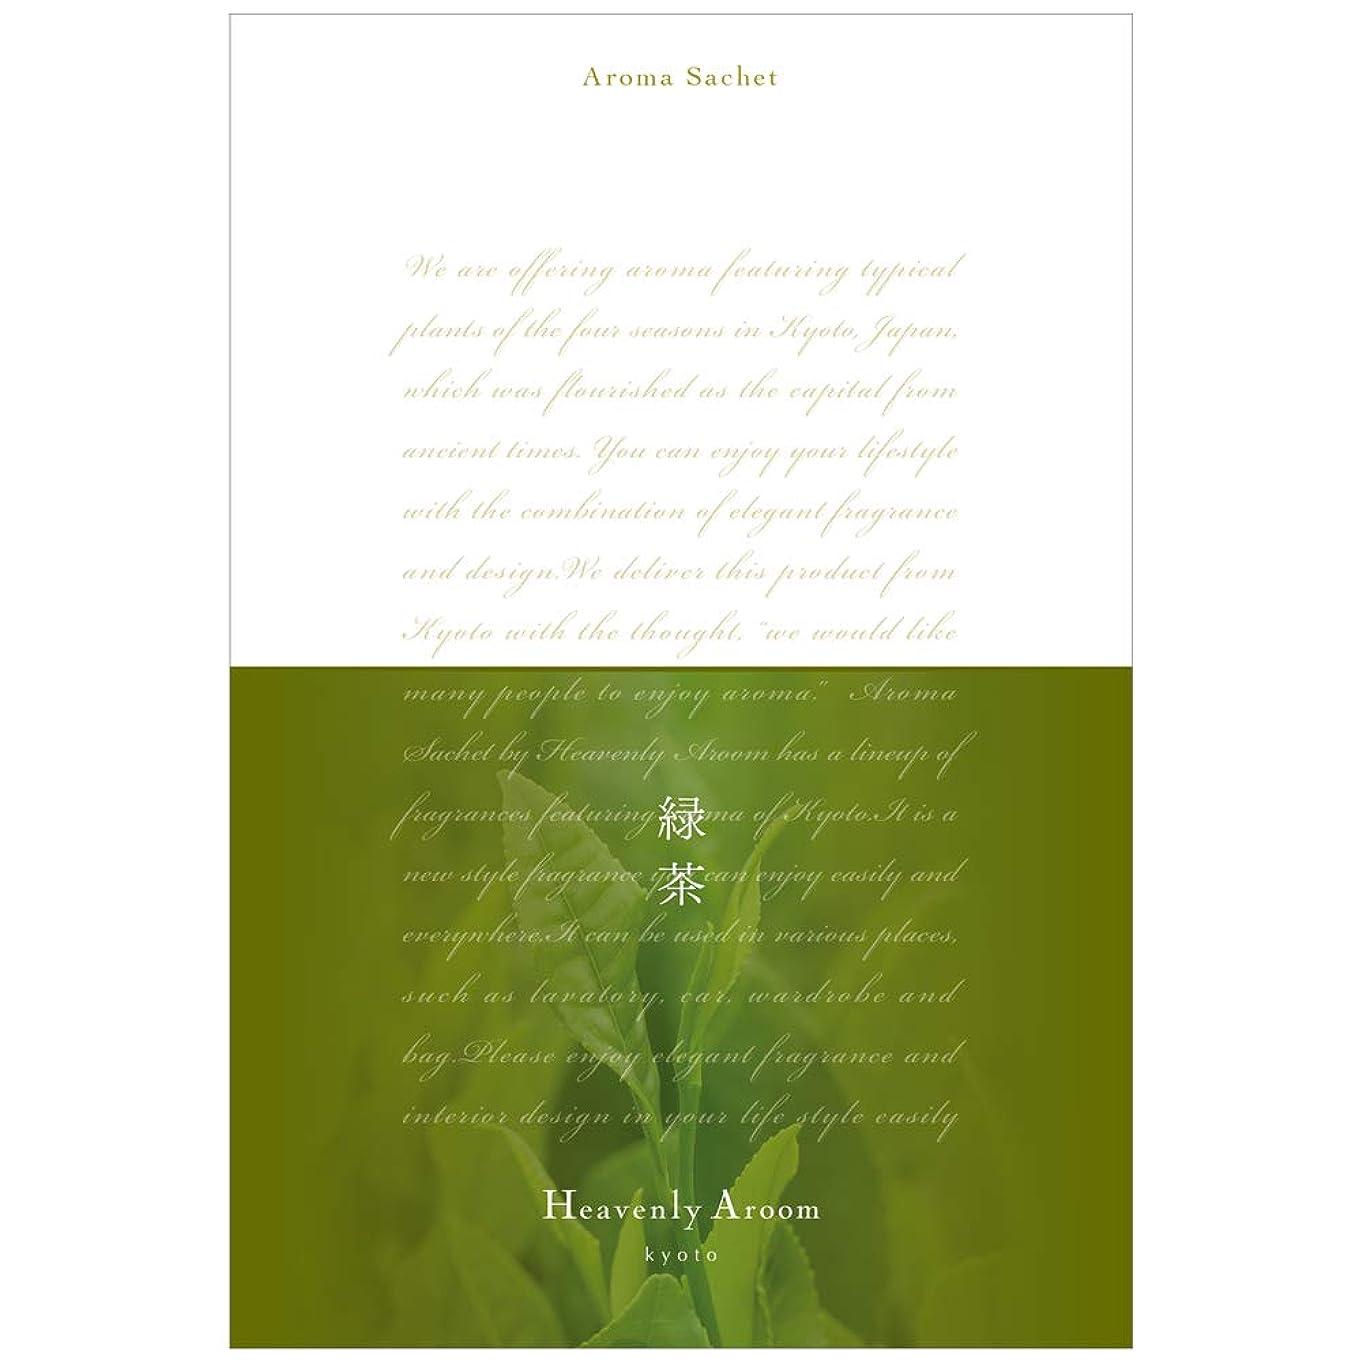 アマゾンジャングルテスピアン思いつくHeavenly Aroom アロマサシェL 緑茶